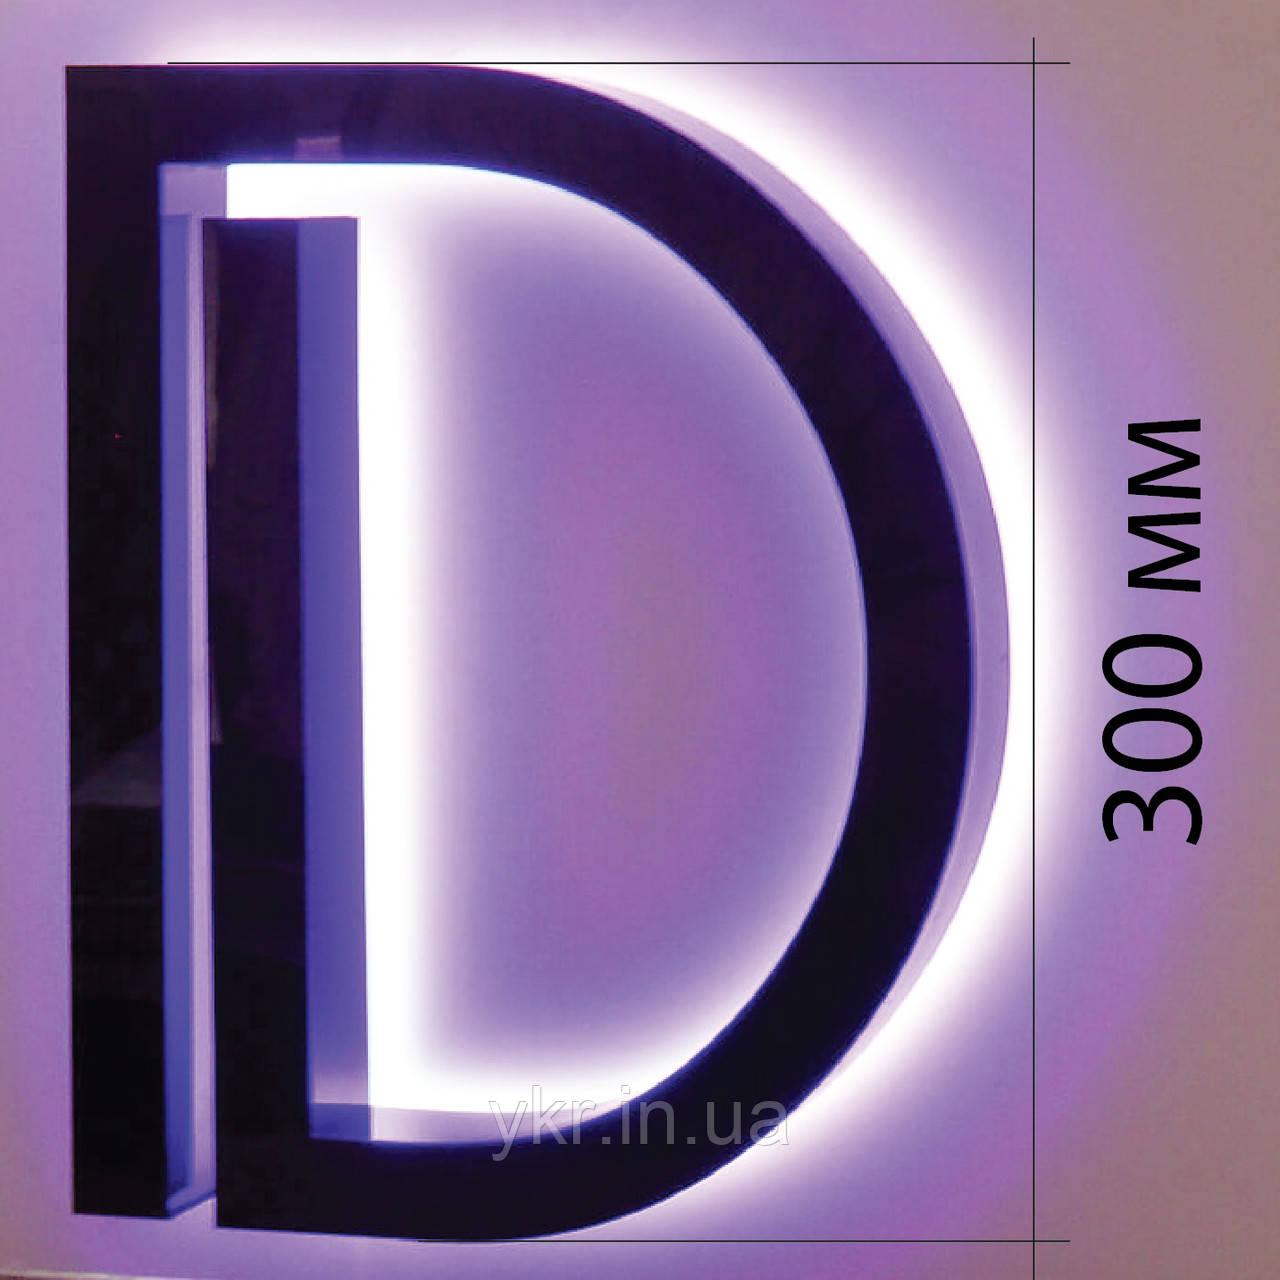 Объемная световая буква с контражур подсветкой 30 см